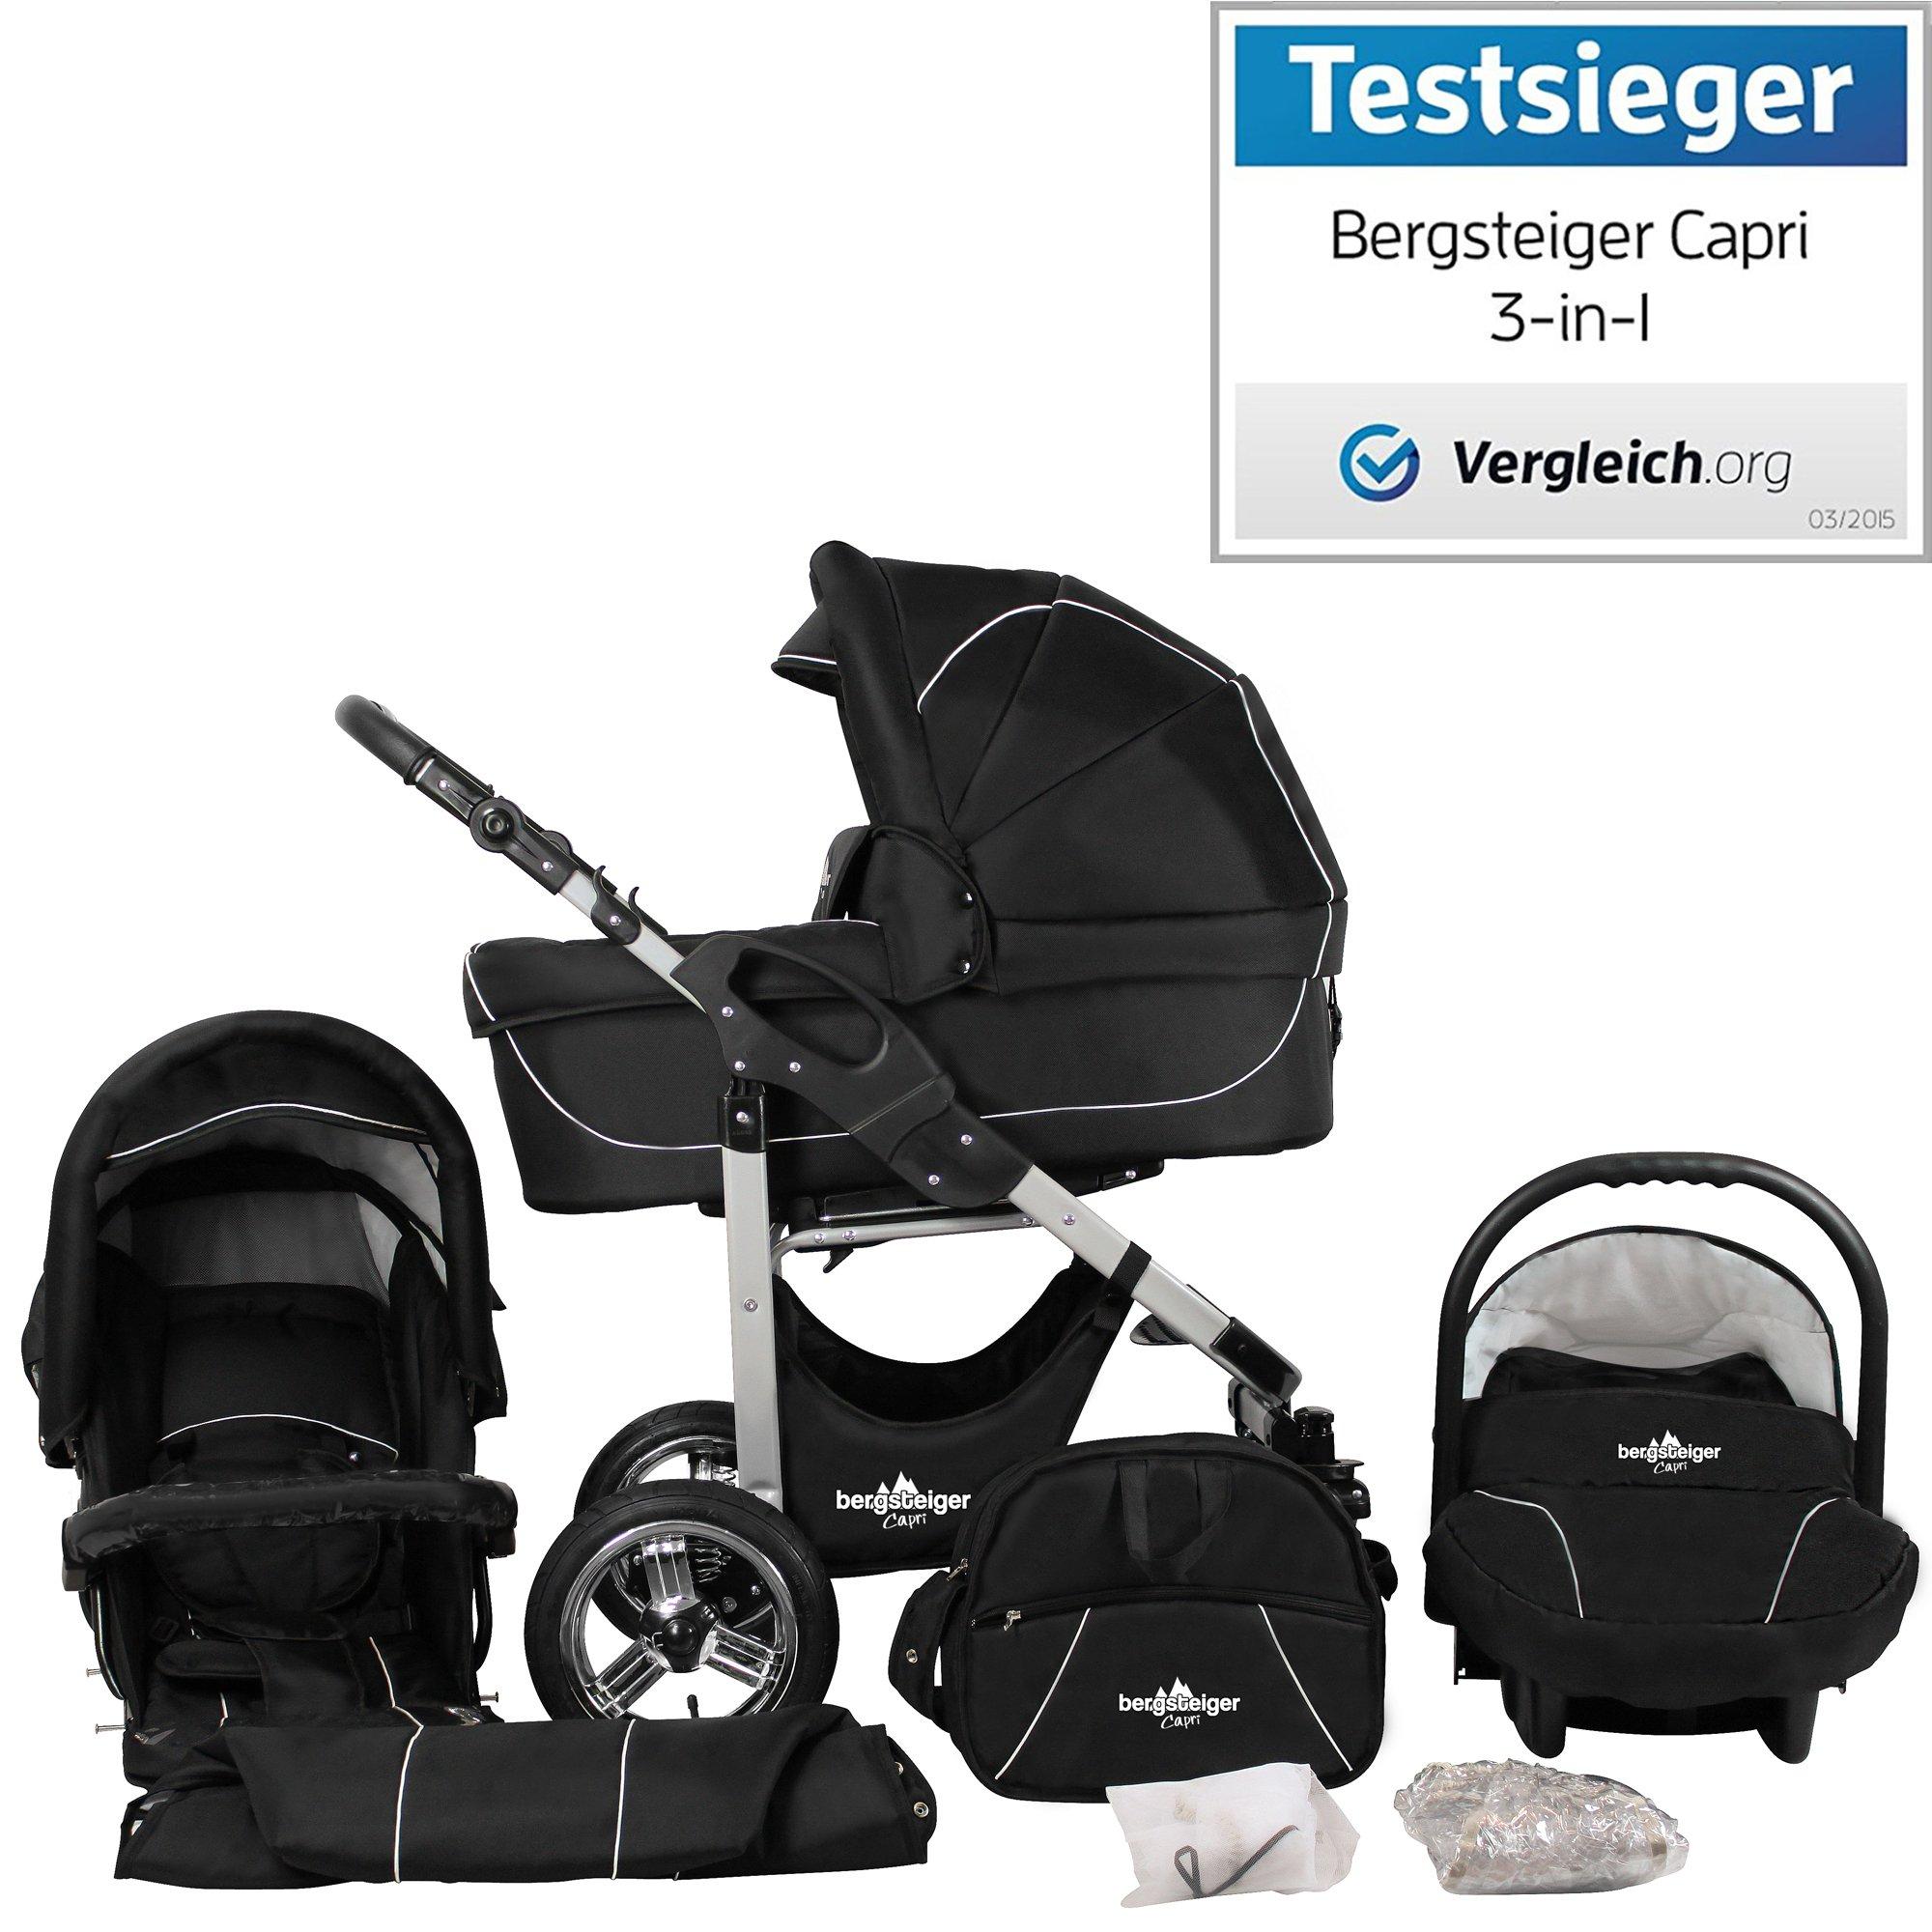 Bergsteiger Capri Black Edition Kinderwagen 3 in 1 Kombikinderwagen Megaset 10 teilig inkl. Babyschale, Babywanne, Sportwagen und Zubehör